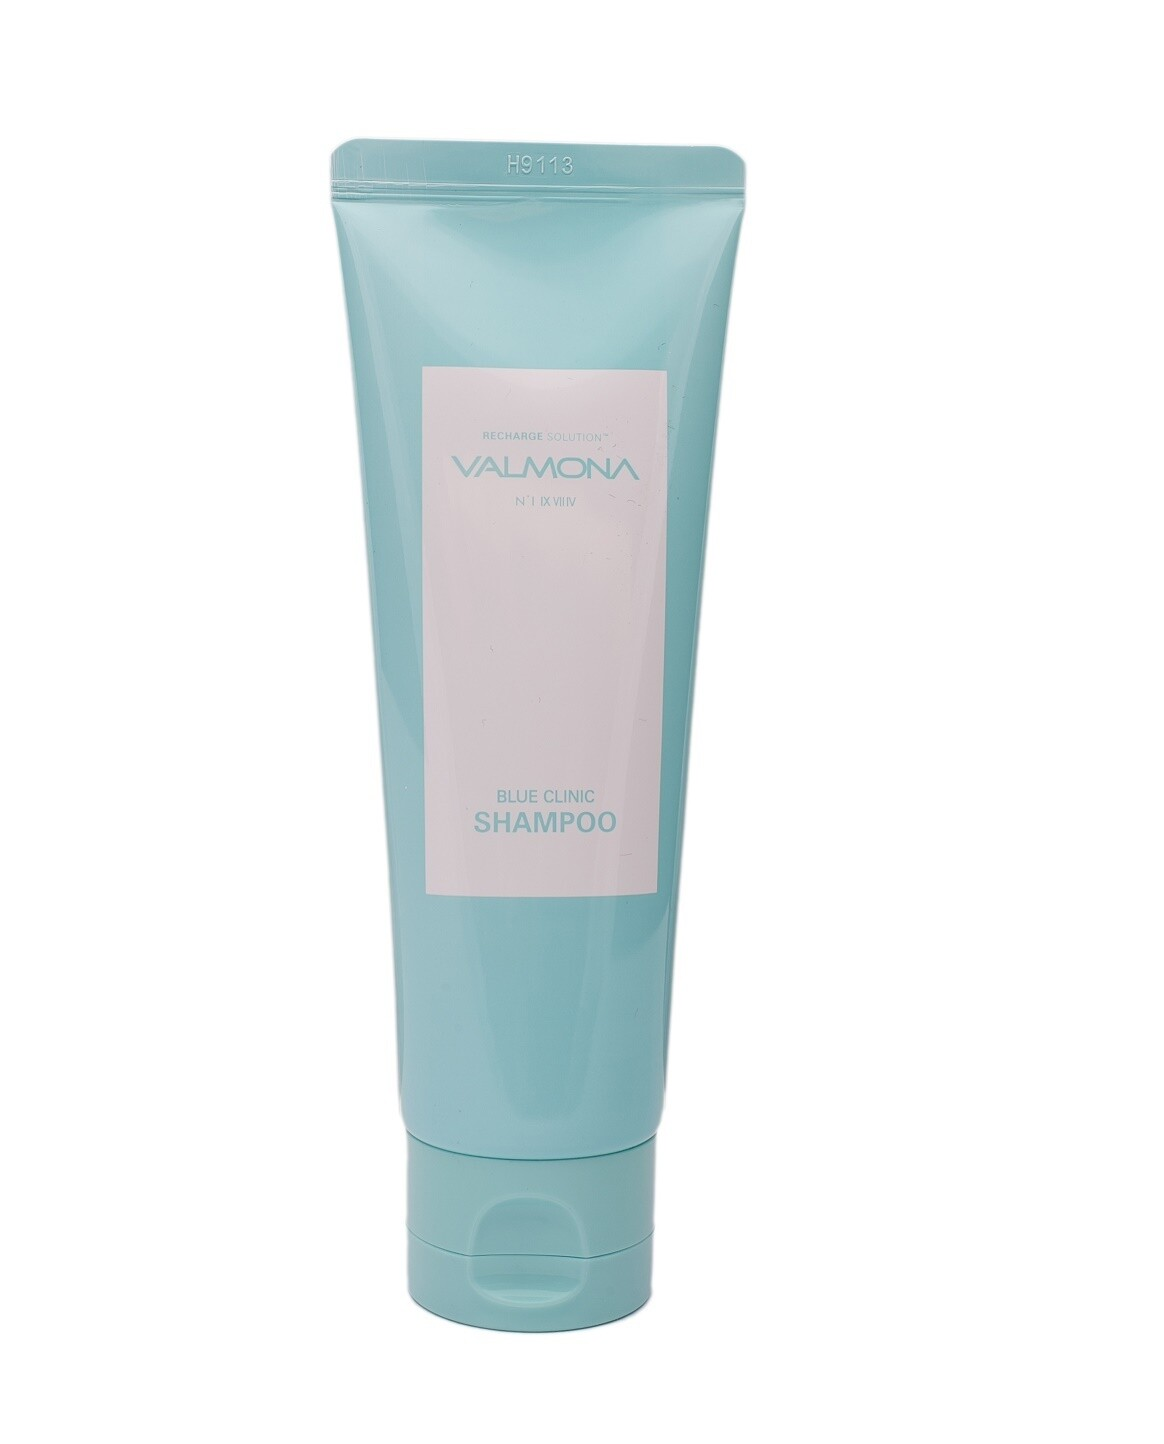 Шампунь для волос УВЛАЖНЕНИЕ Recharge Solution Blue Clinic Shampoo, 100 мл VALMONA